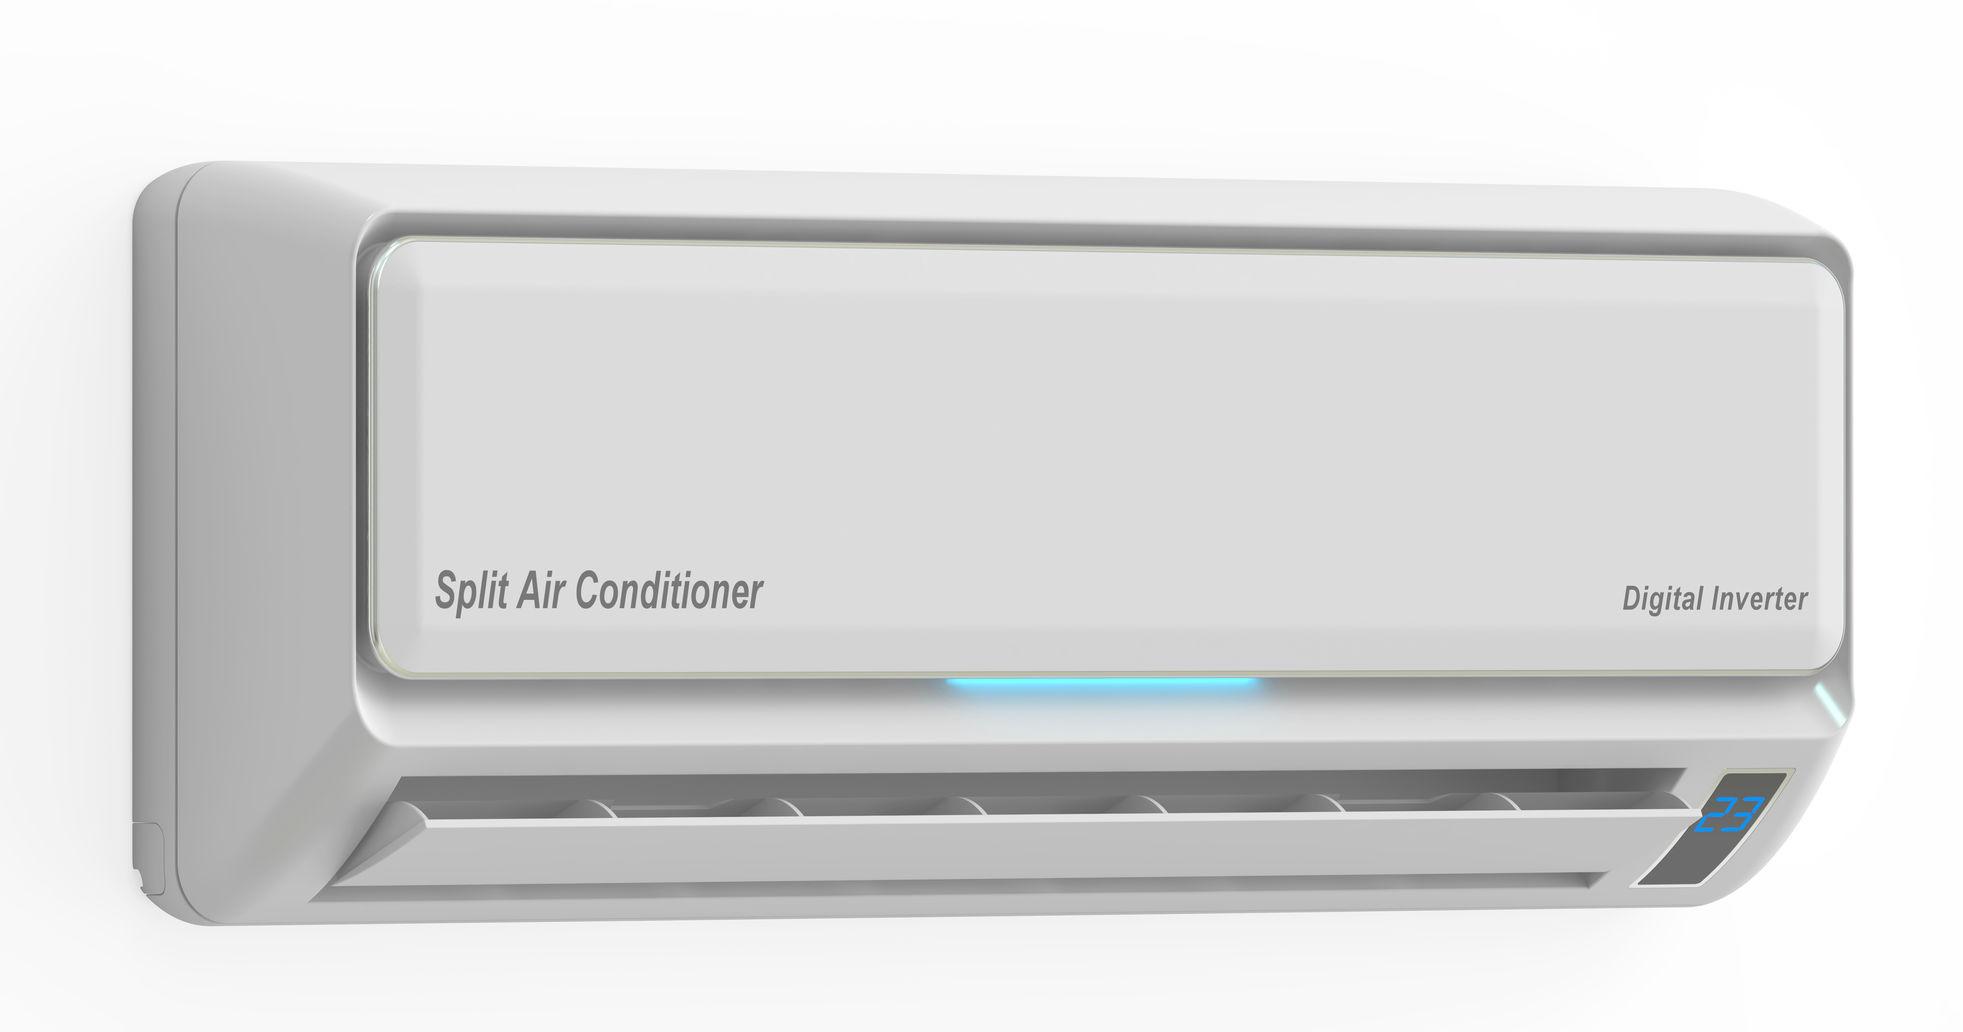 エアコンメーカーの比較とそれぞれの特徴 主力のモデルを解説